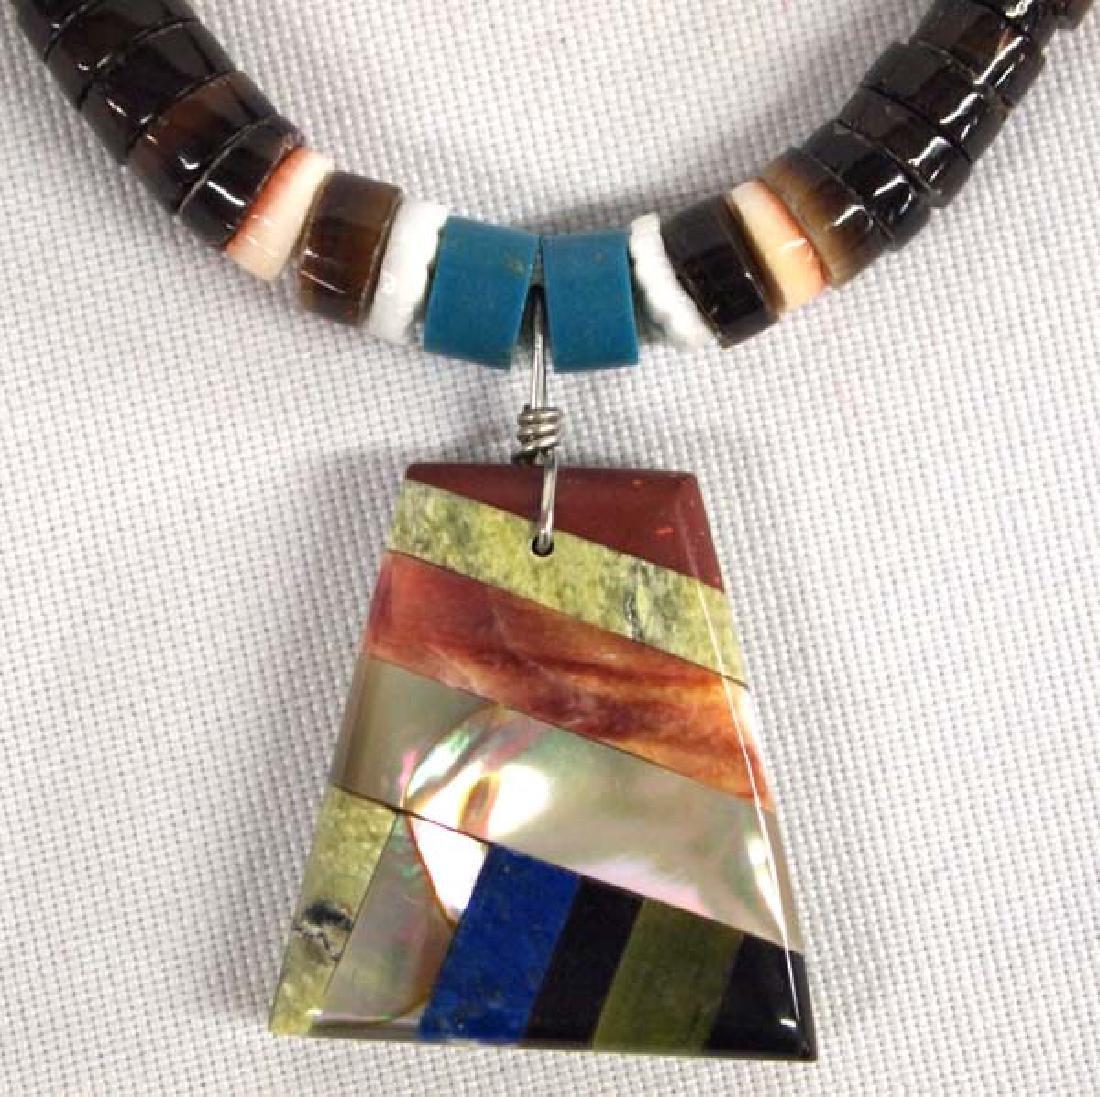 1950s Zuni Silver Serpentine Inlay Necklace